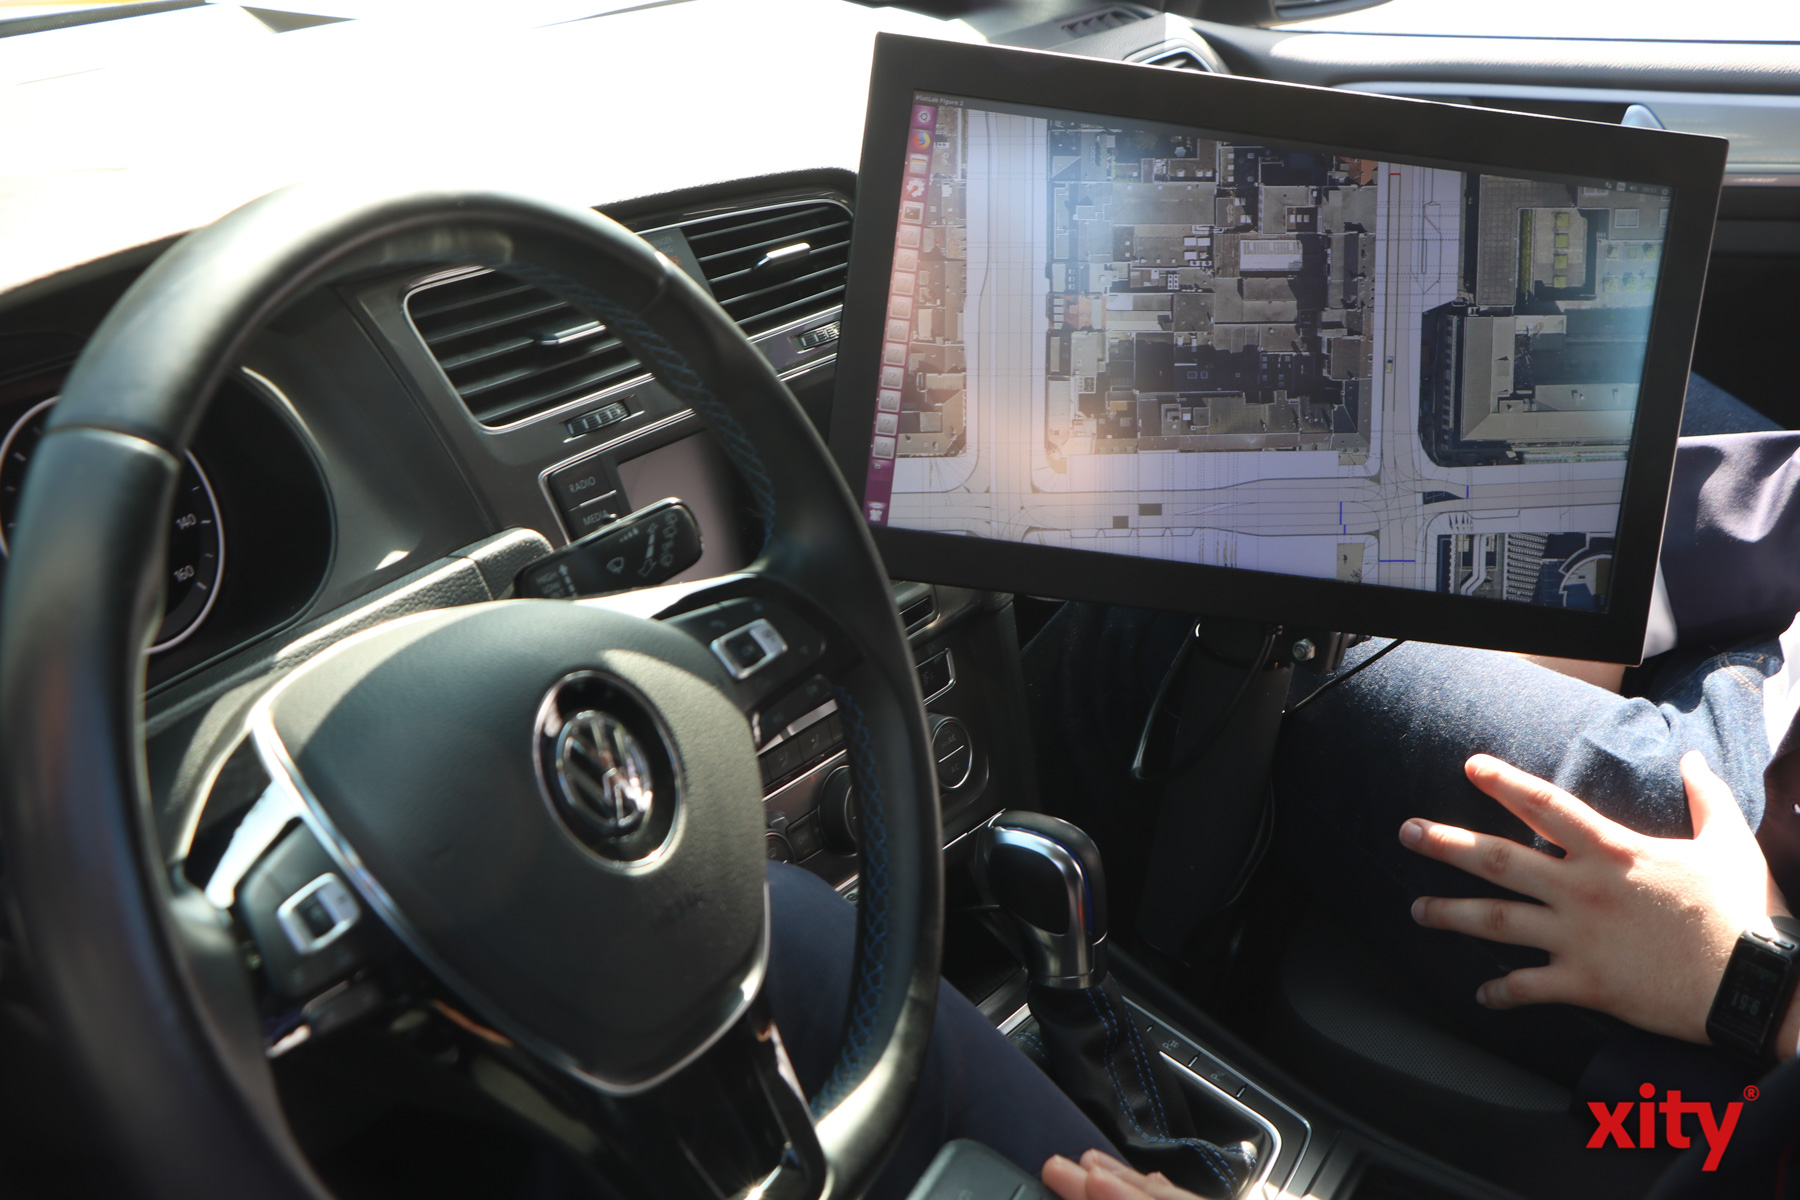 Wirklich autonomes Fahren ist noch nicht umgesetzt (Foto: xity)